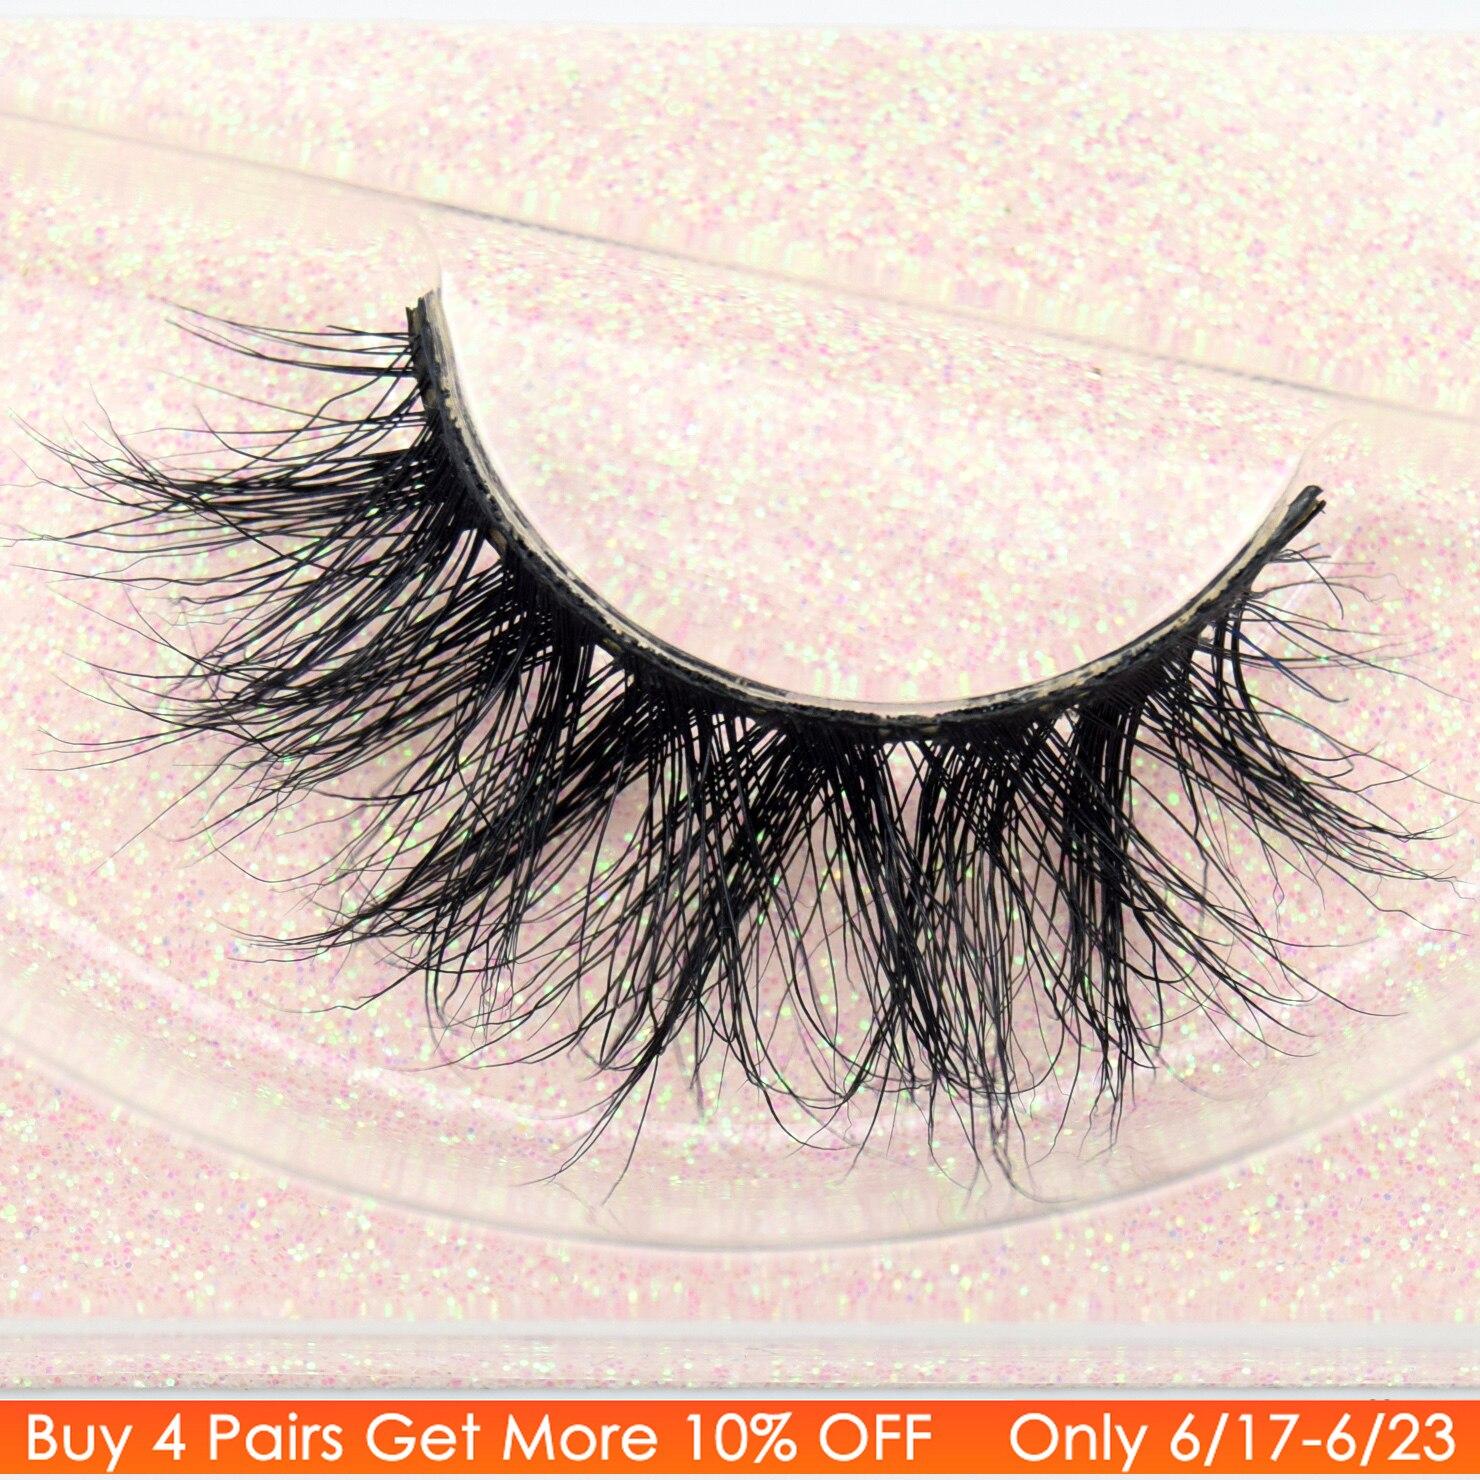 b7ae38400a2 Visofree Mink Eyelashes 100% Cruelty free Handmade 3D Mink Lashes Full  Strip Lashes Soft False Eyelashes Makeup Lashes E11